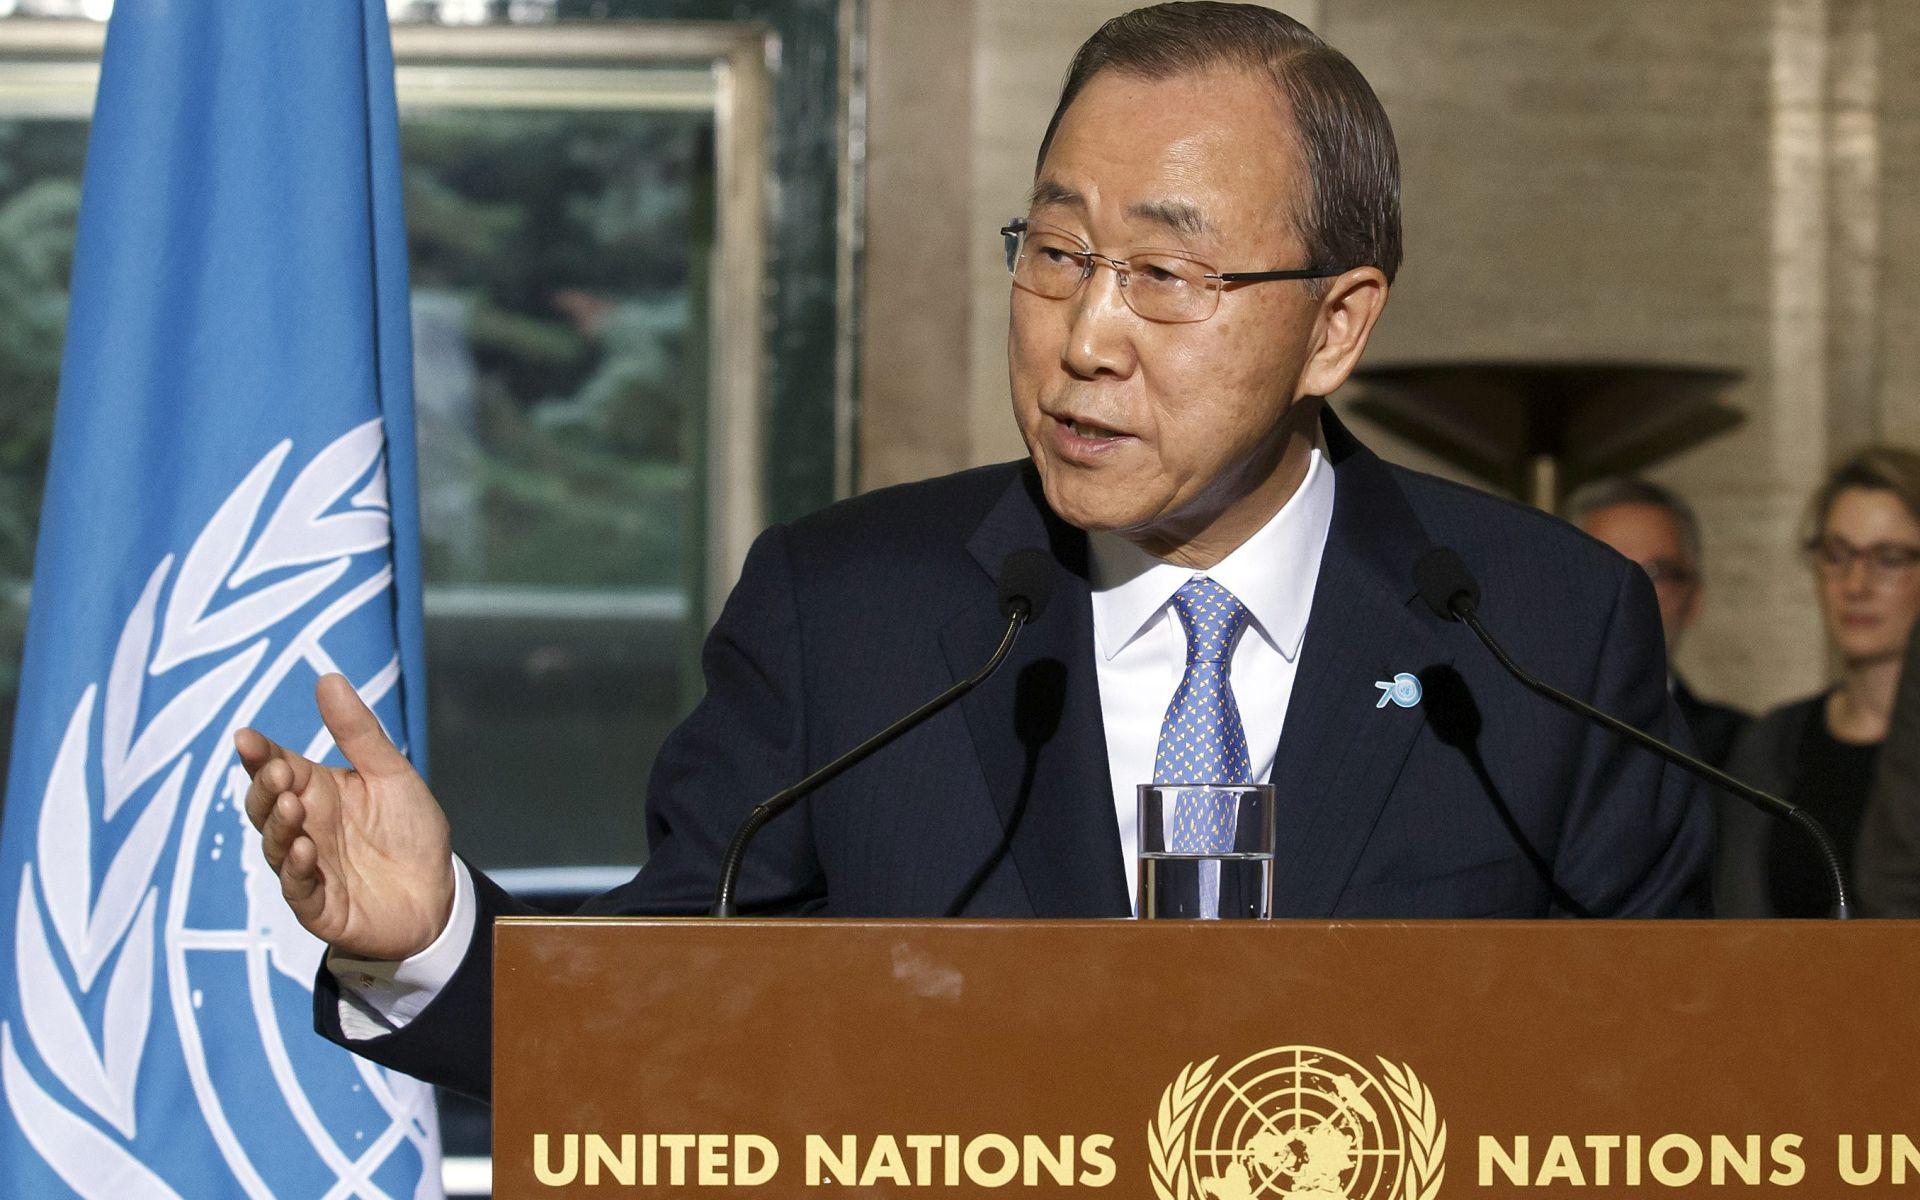 PRIOPĆENJE UN-a: Ban Ki-moon ipak neće u Sjevernu Koreju